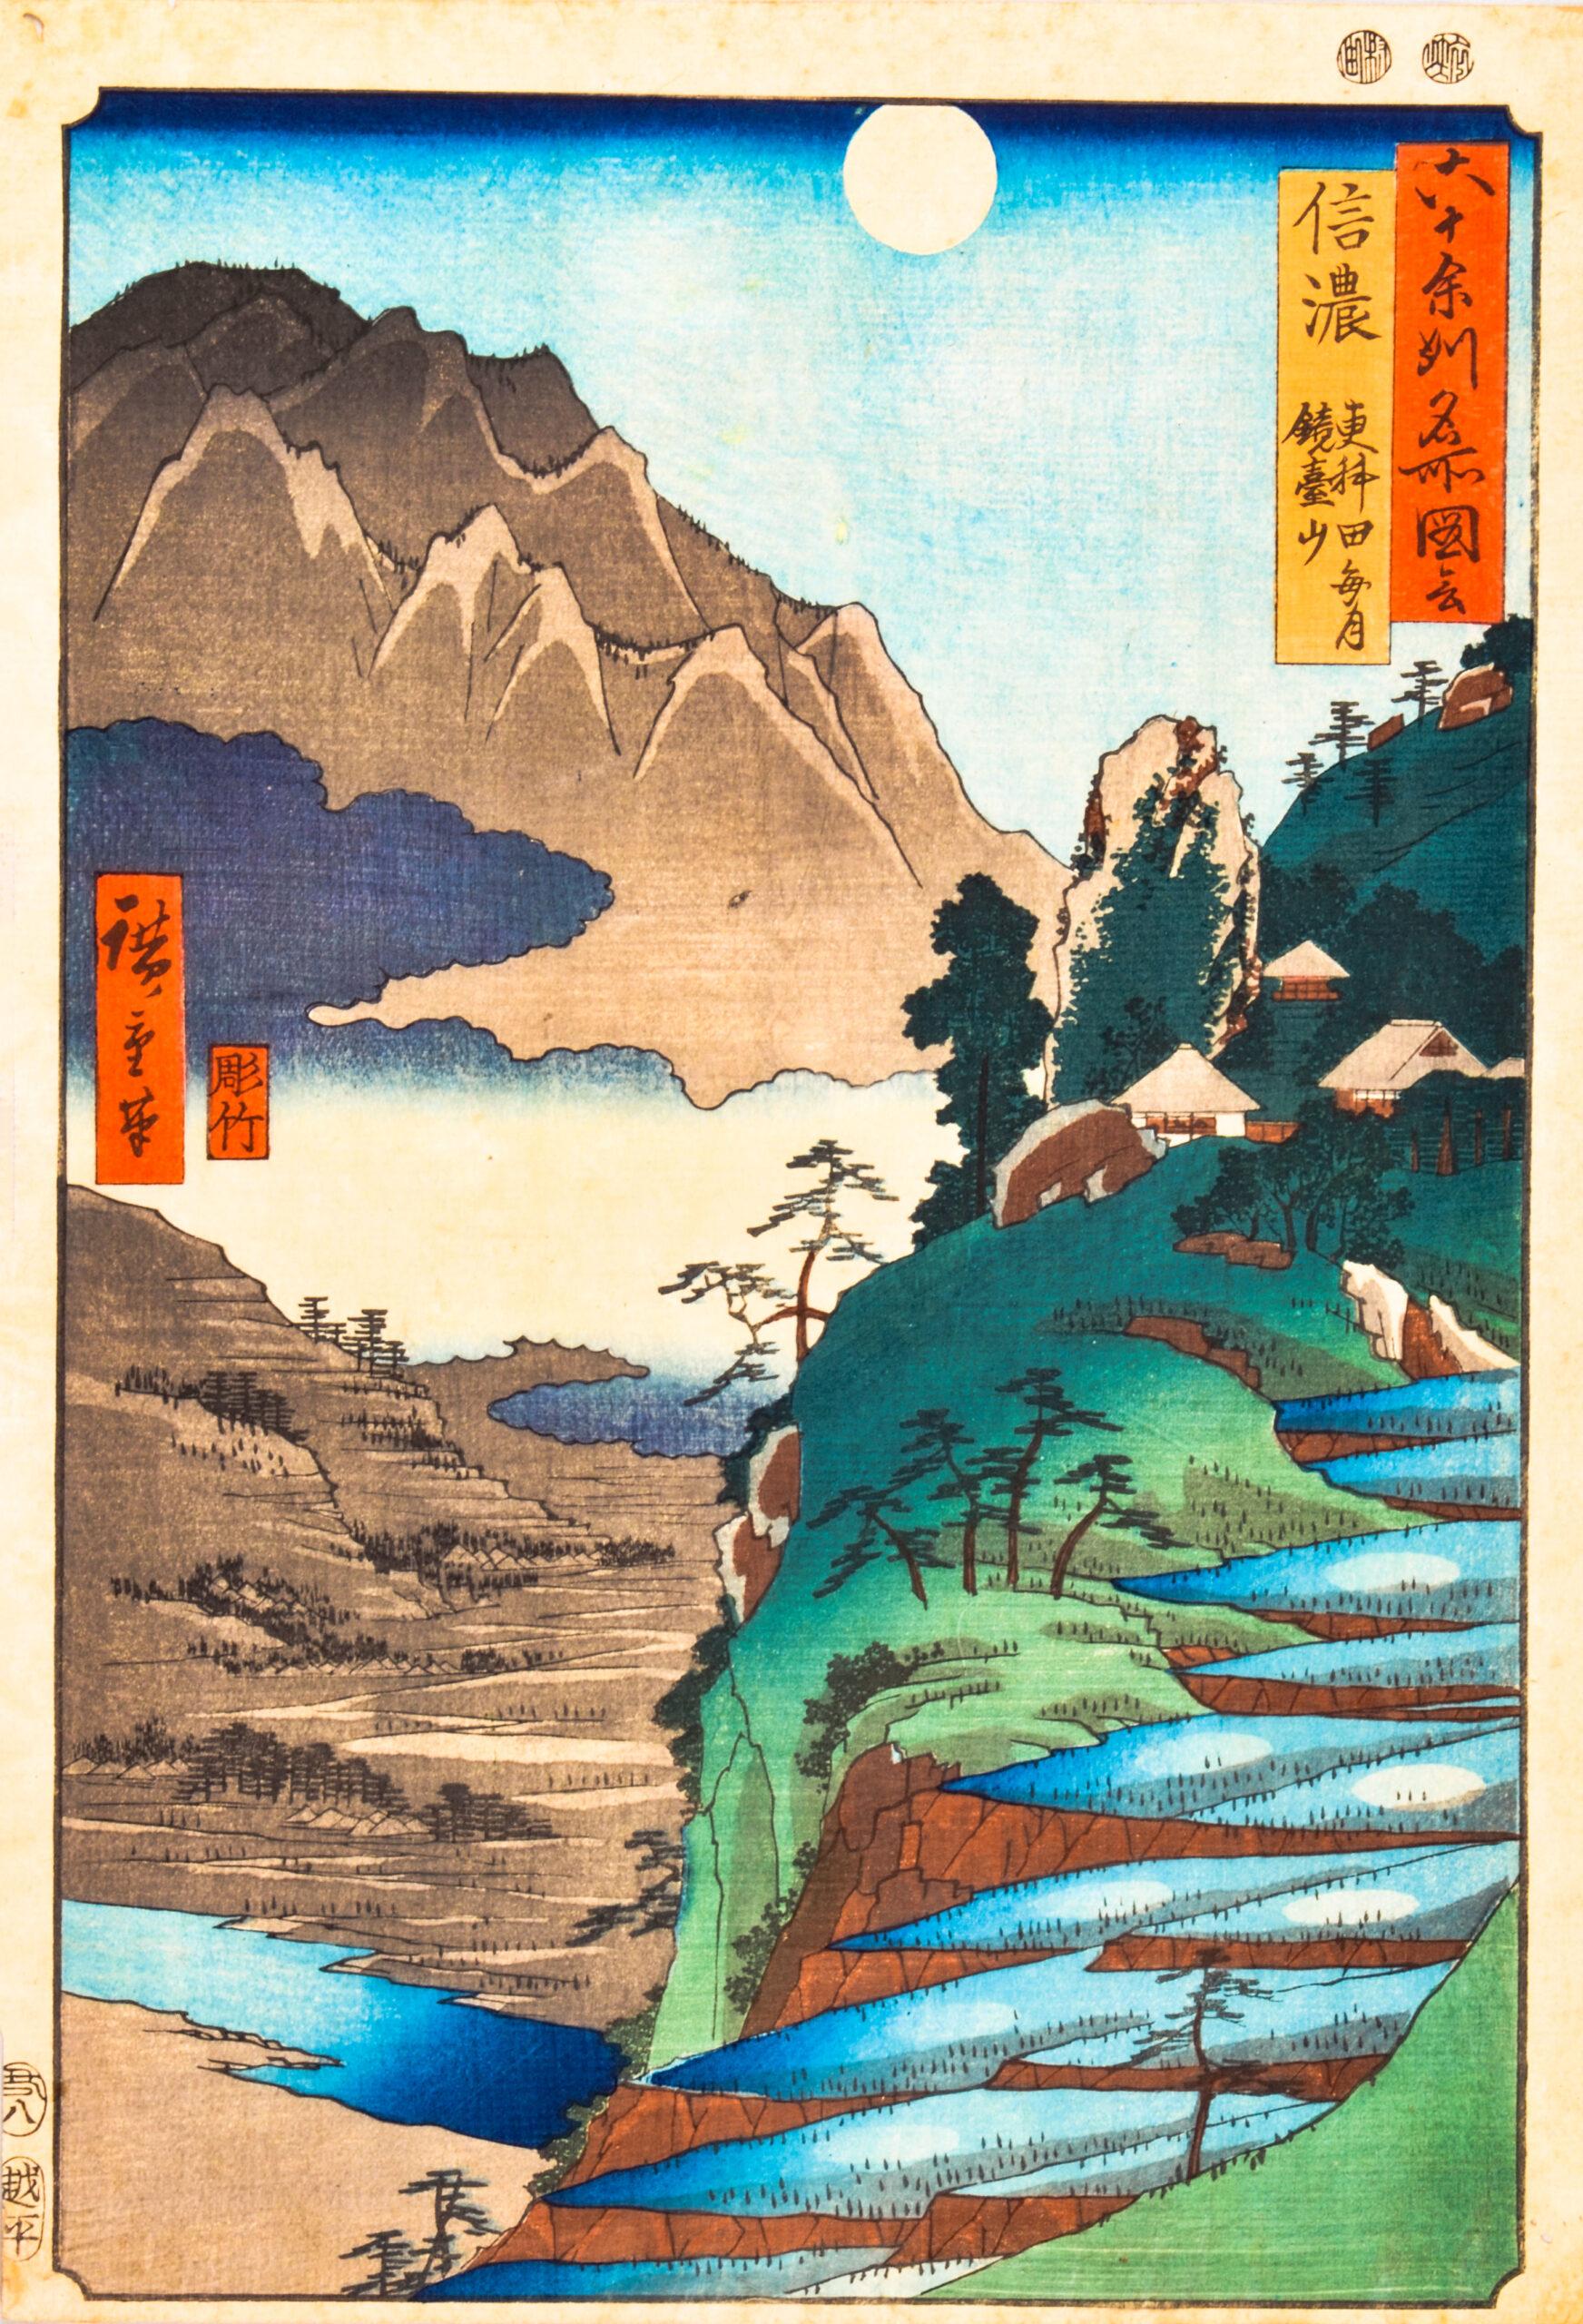 歌川広重作「更科田毎月鏡台山」